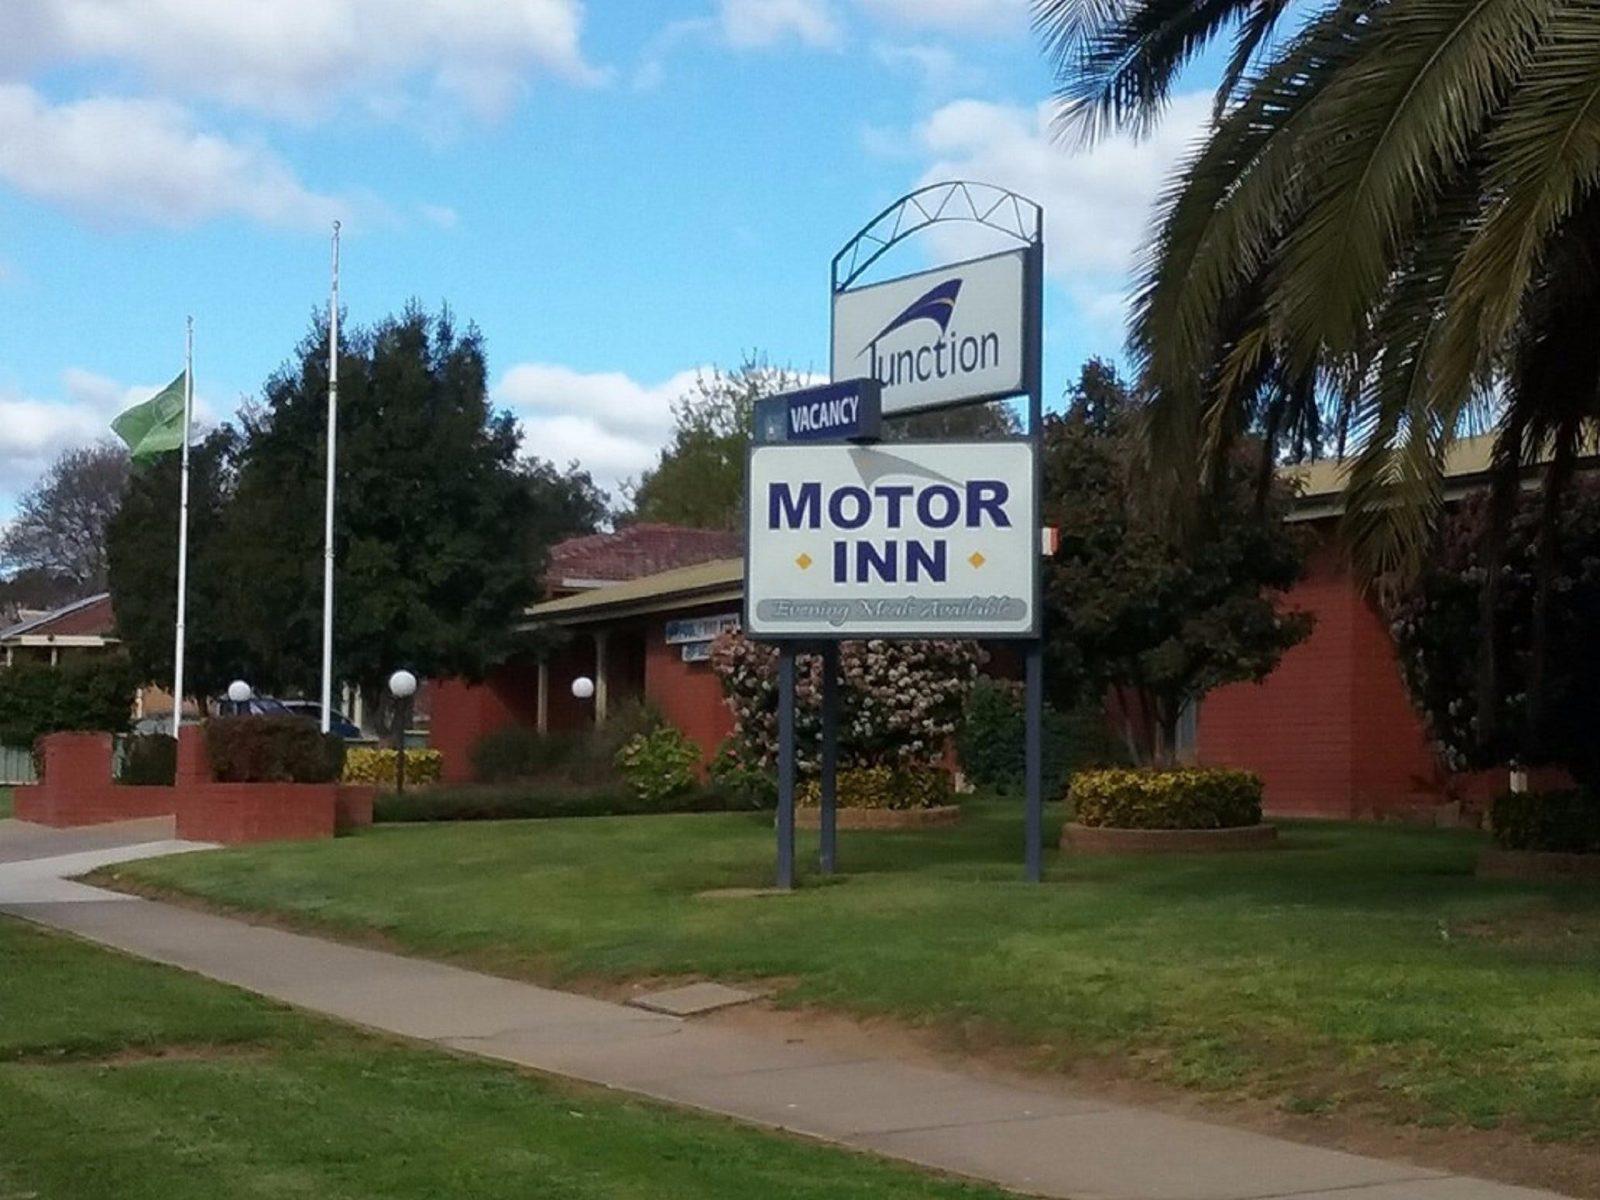 Junction Motor Inn